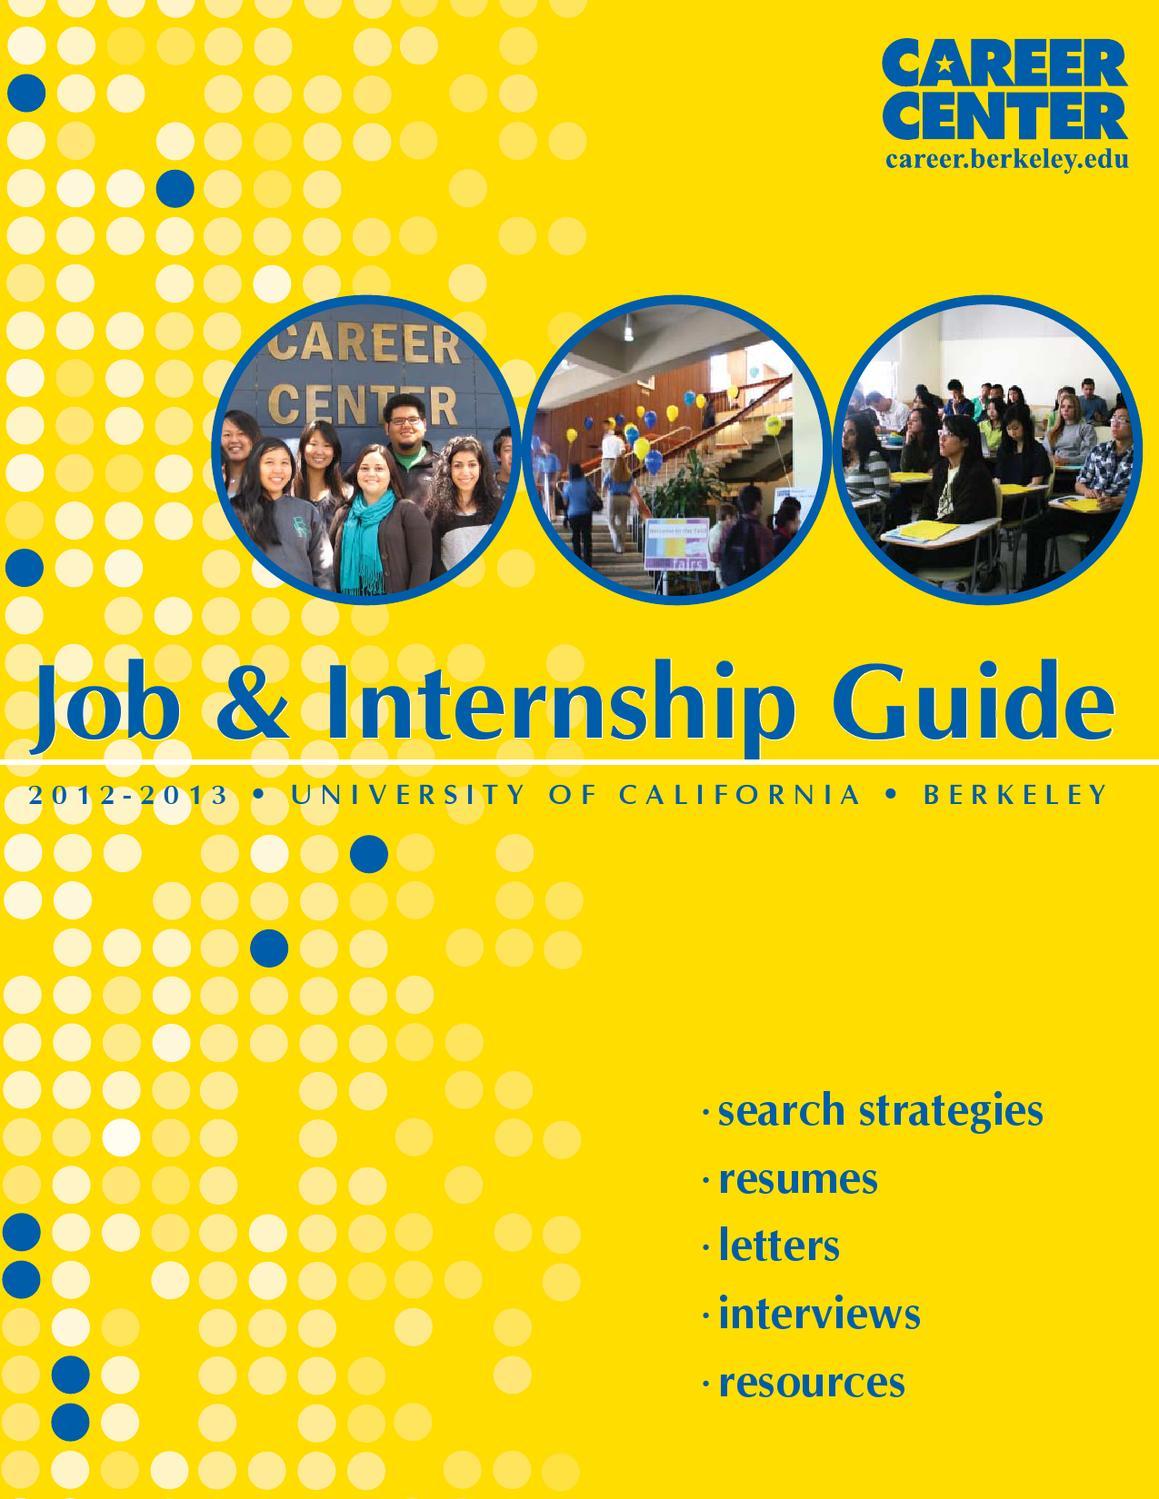 Job Listings | Jobs